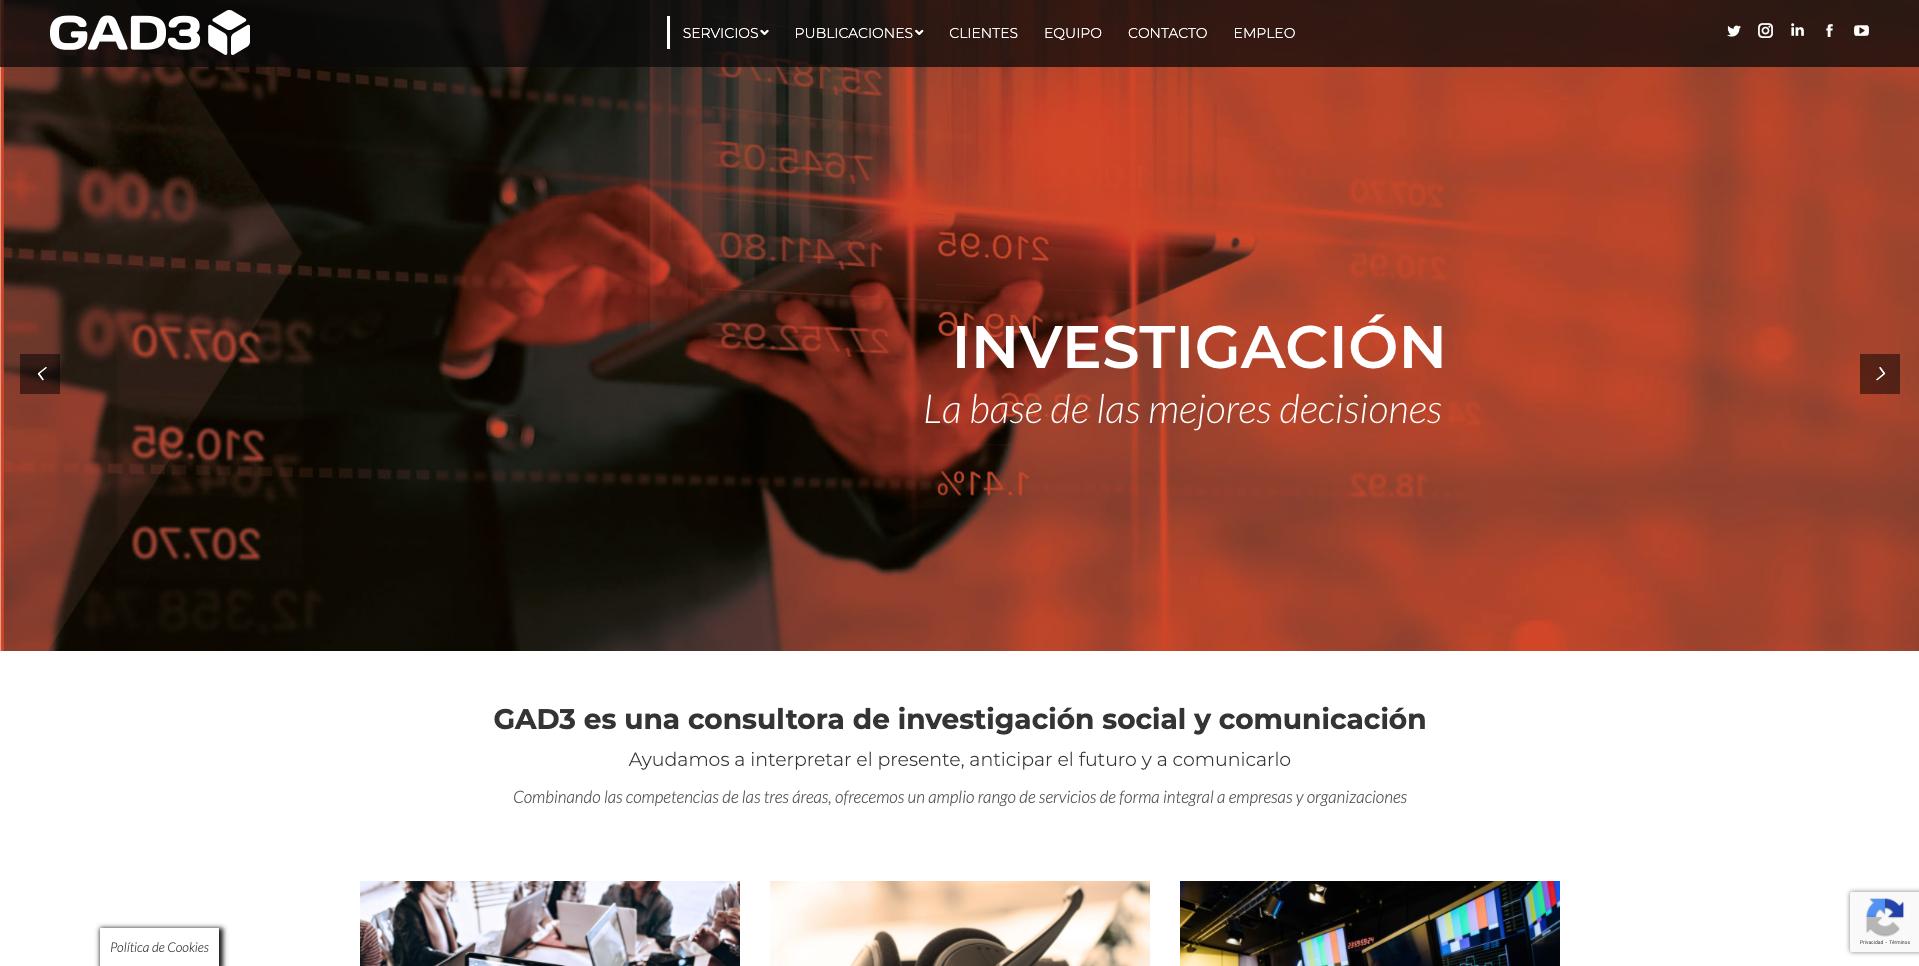 Consultoría de Marketing Digital GAD3 - Estrategia digital